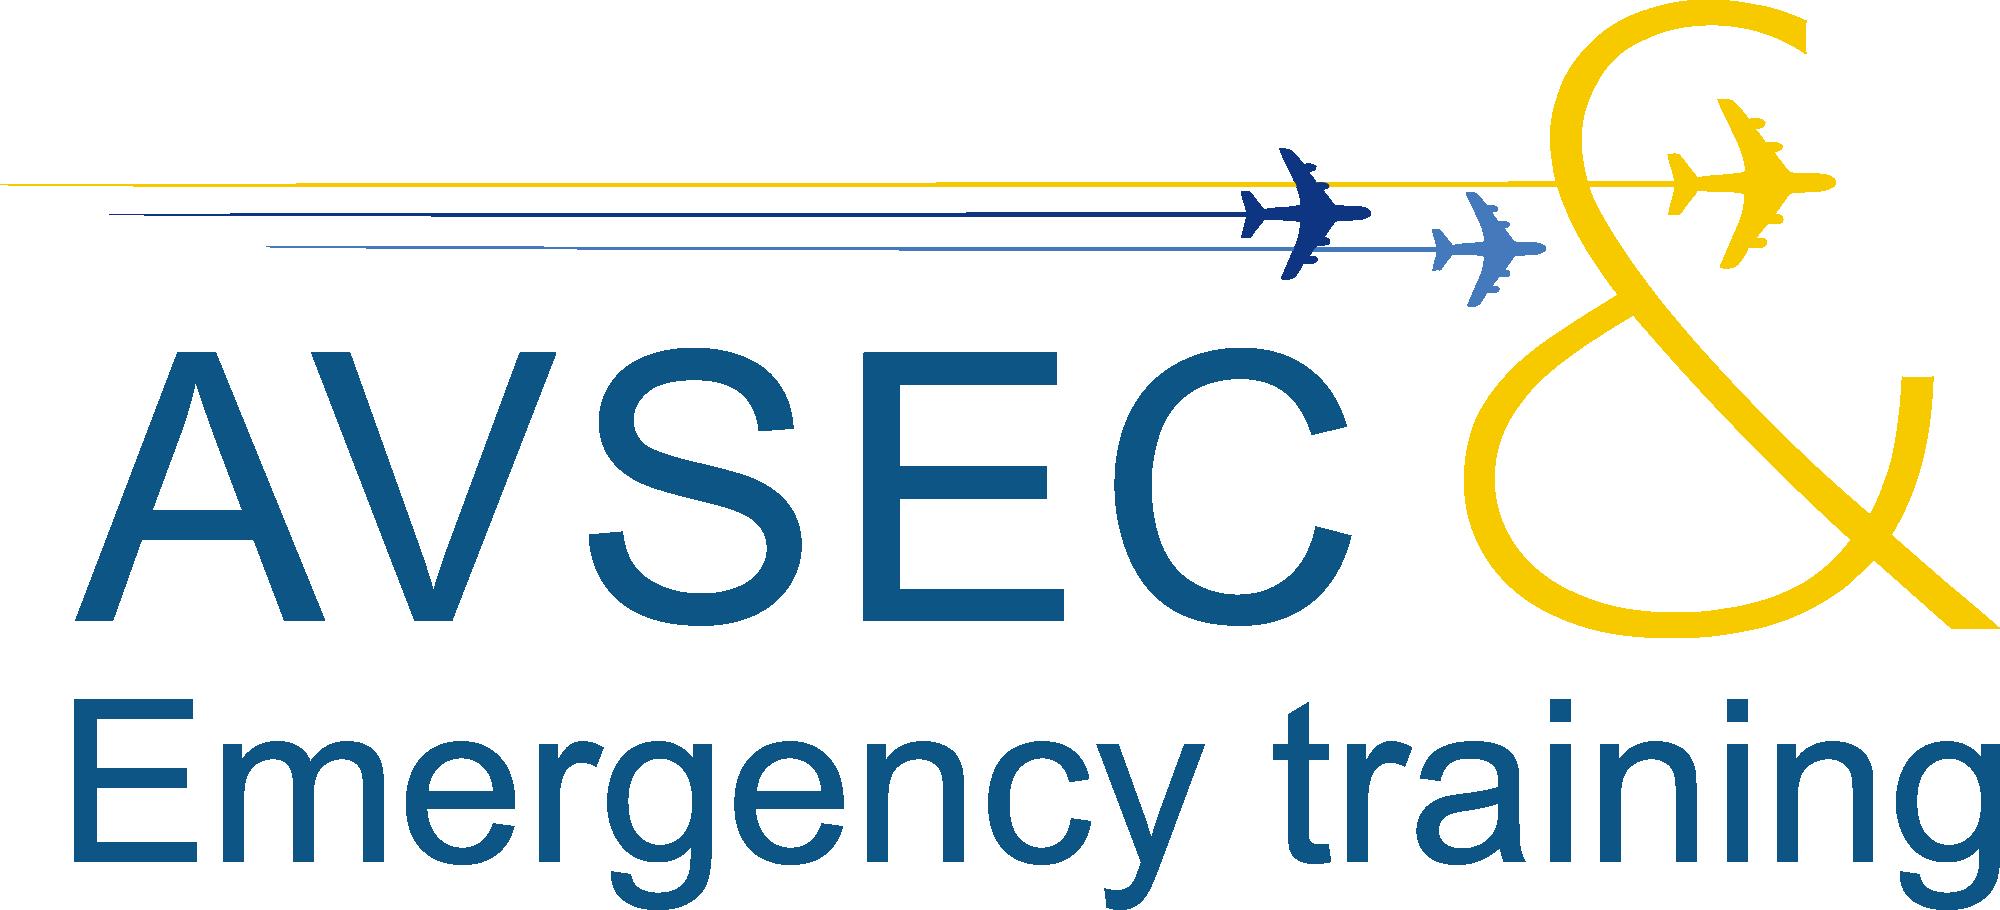 AVSEC & Emergency Training